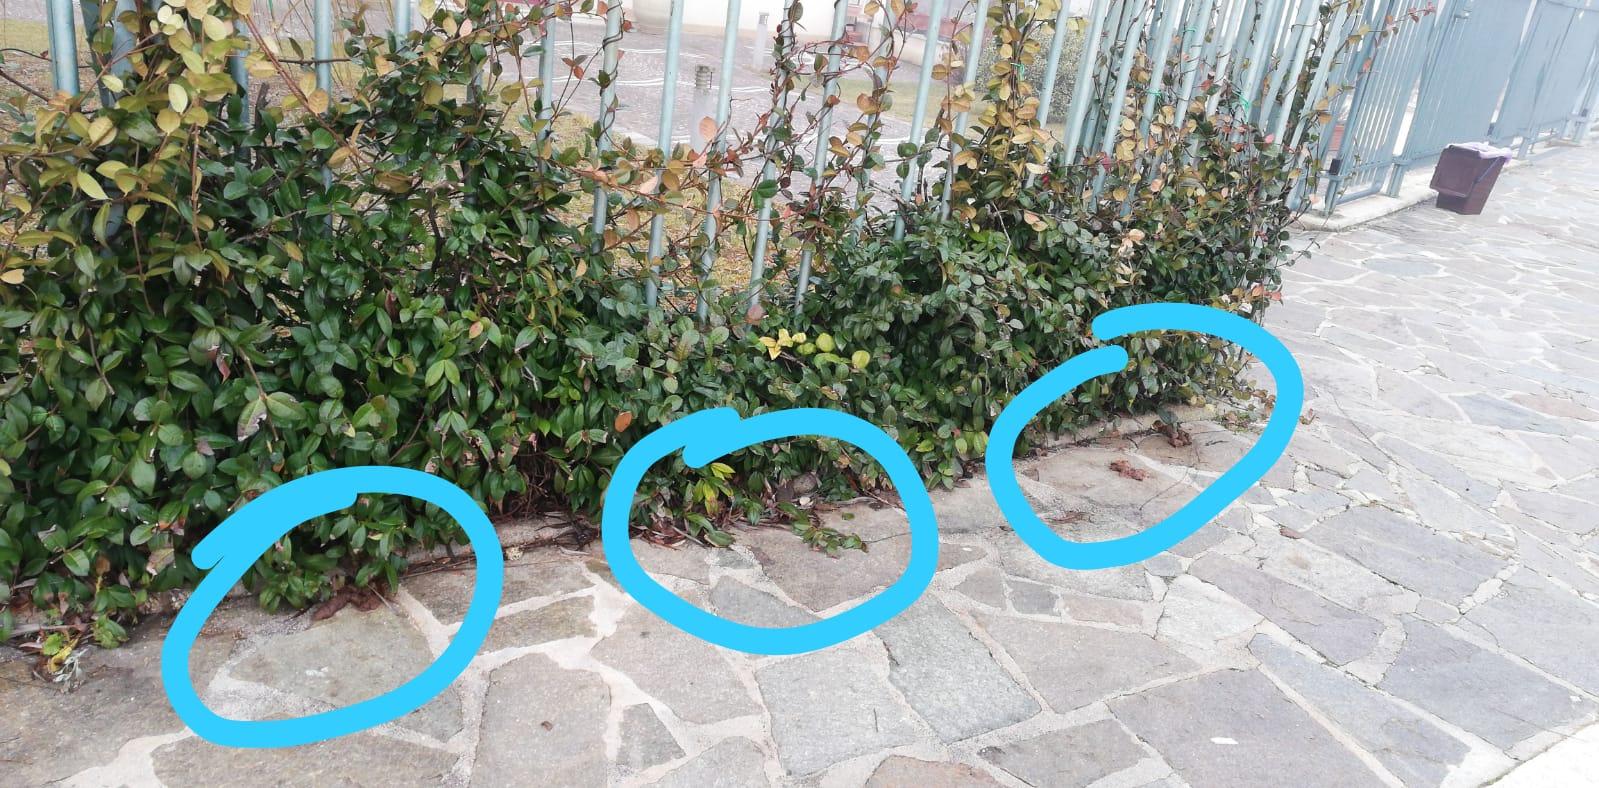 Troppi escrementi di cane nei pressi della nuova scuola di Magliano De' Marsi, le lamentele dei genitori